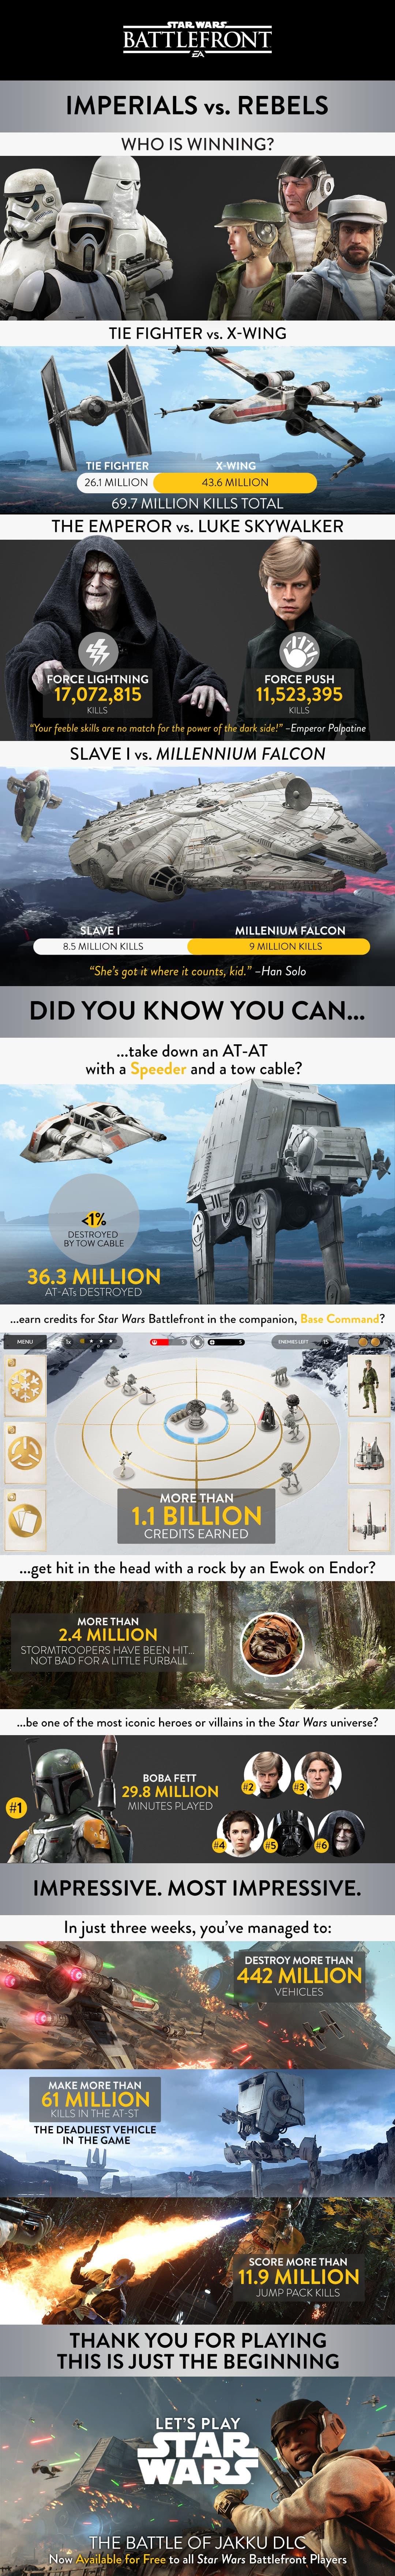 Star Wars: Battlephront